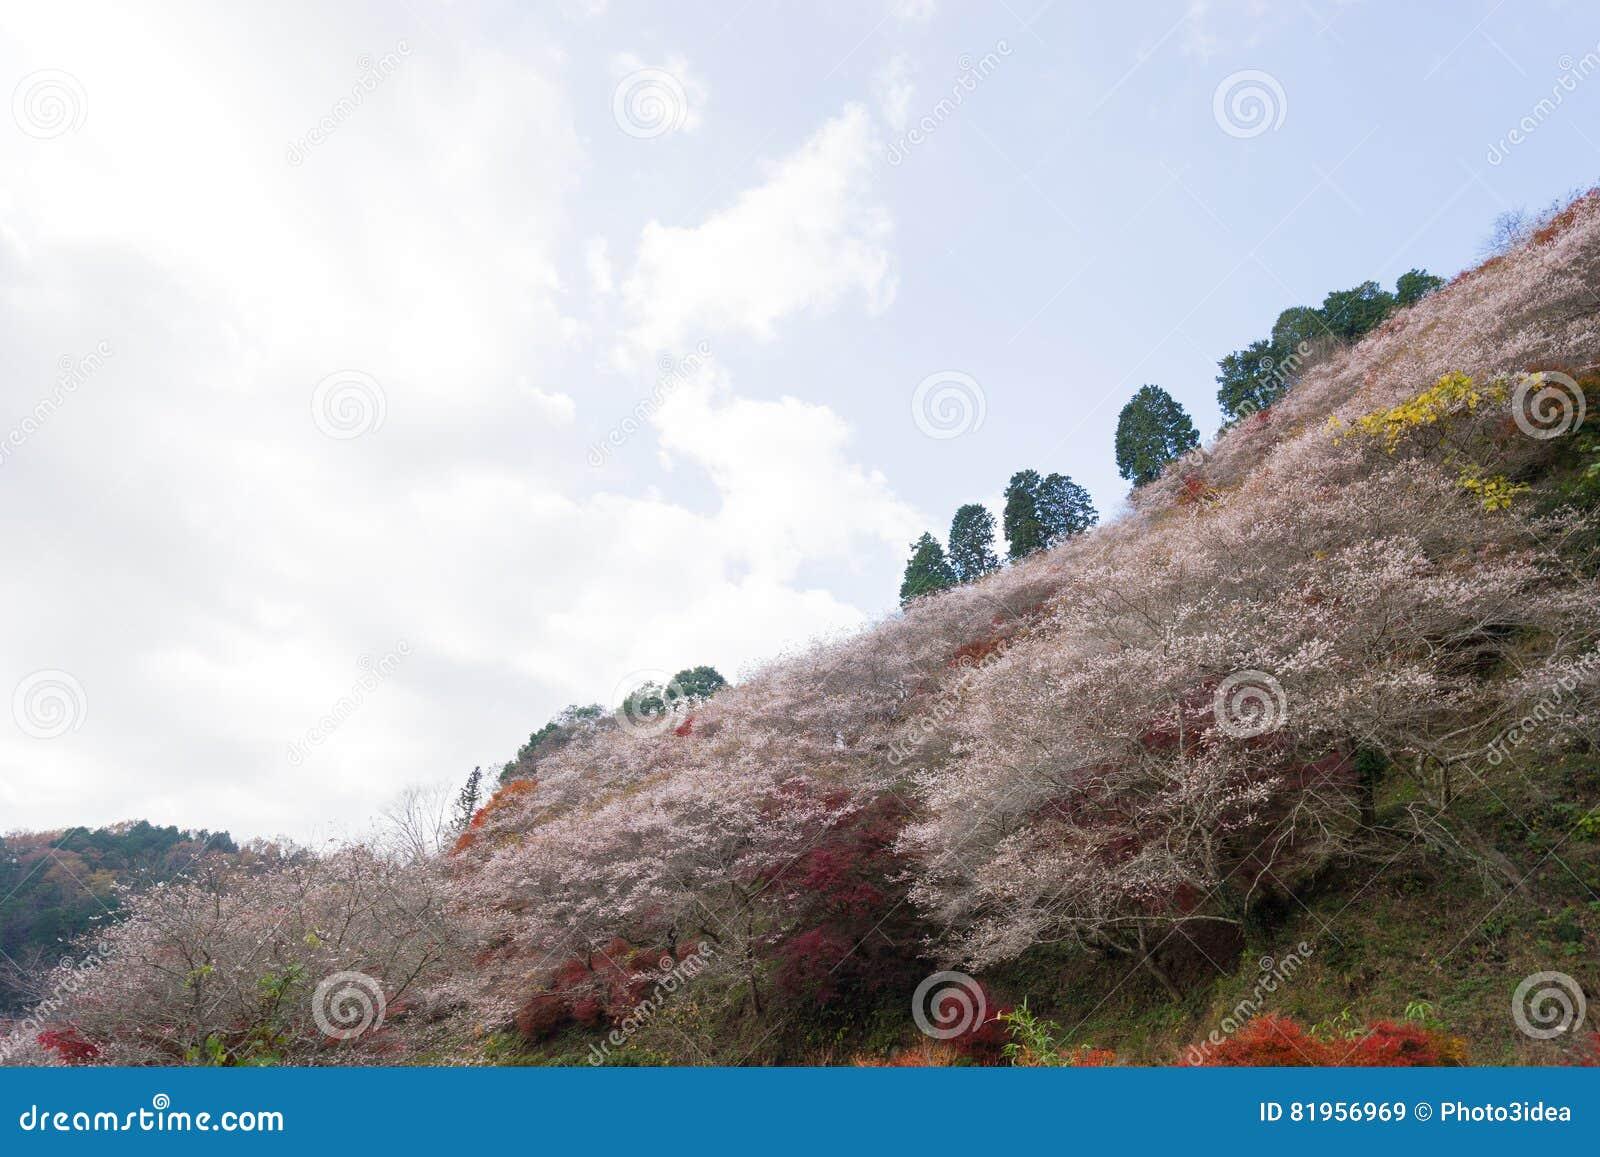 Autumn landscape background Red leave in Obara Nagoya Japan